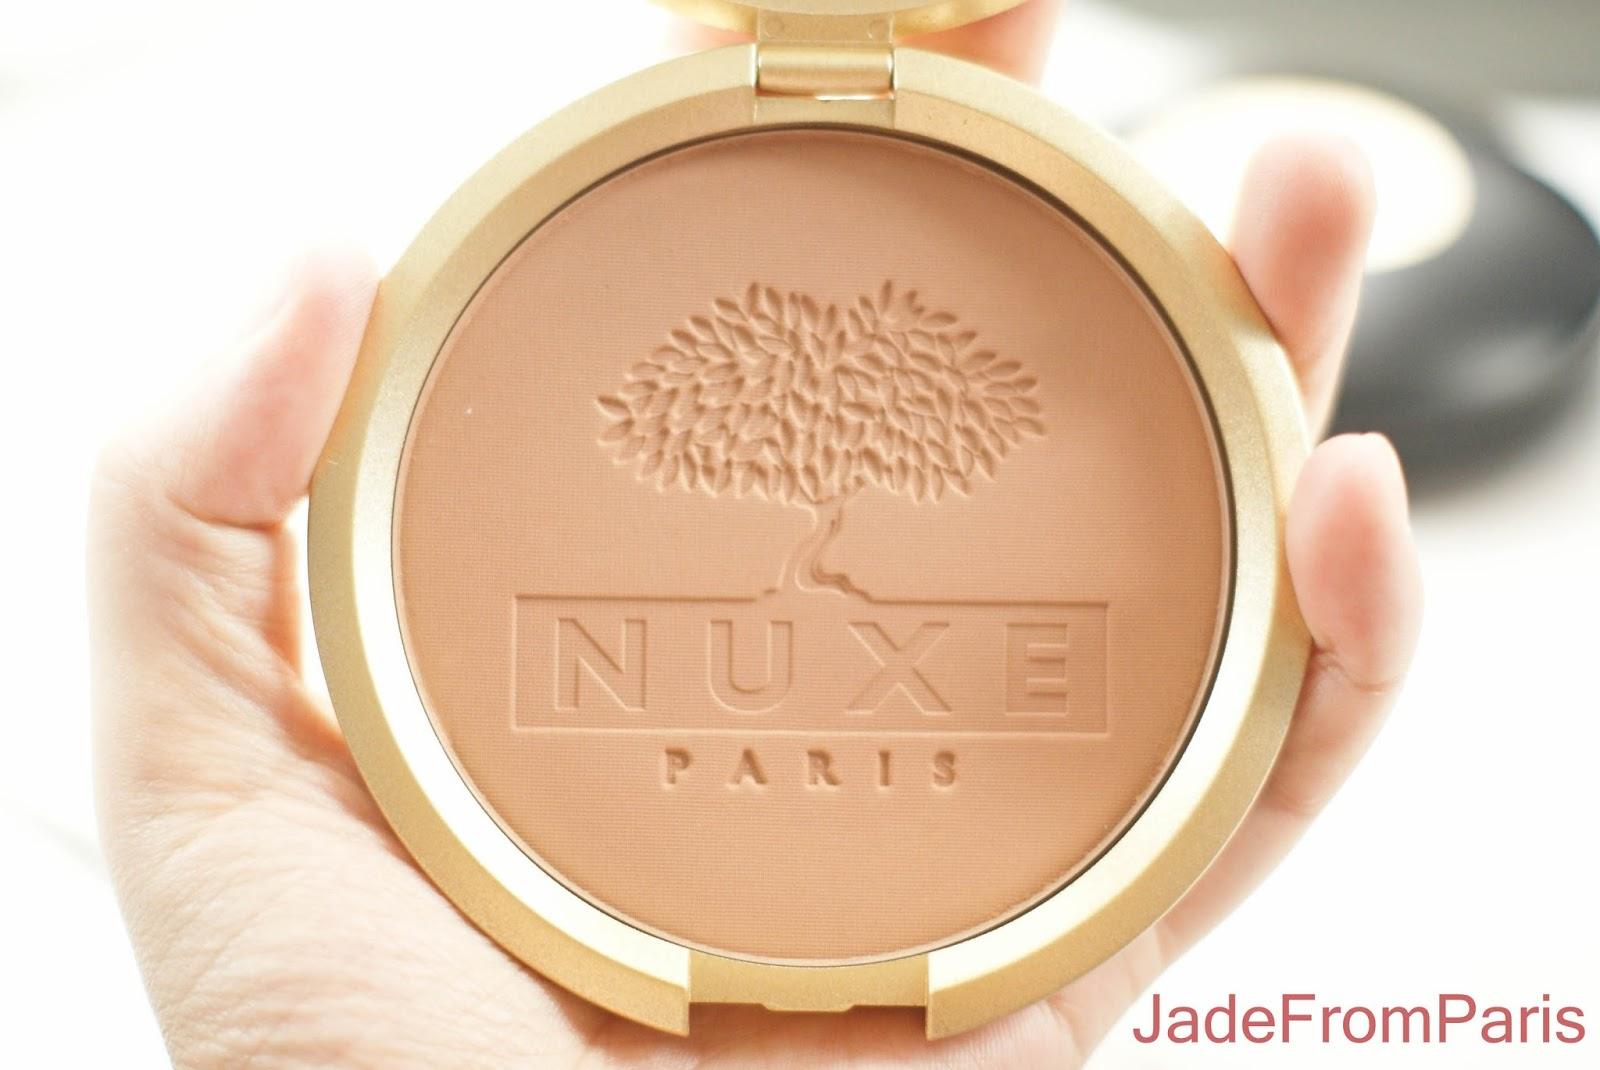 Jade from paris bonne mine 5 poudres de soleil au banc - Parfum prodigieux nuxe pas cher ...